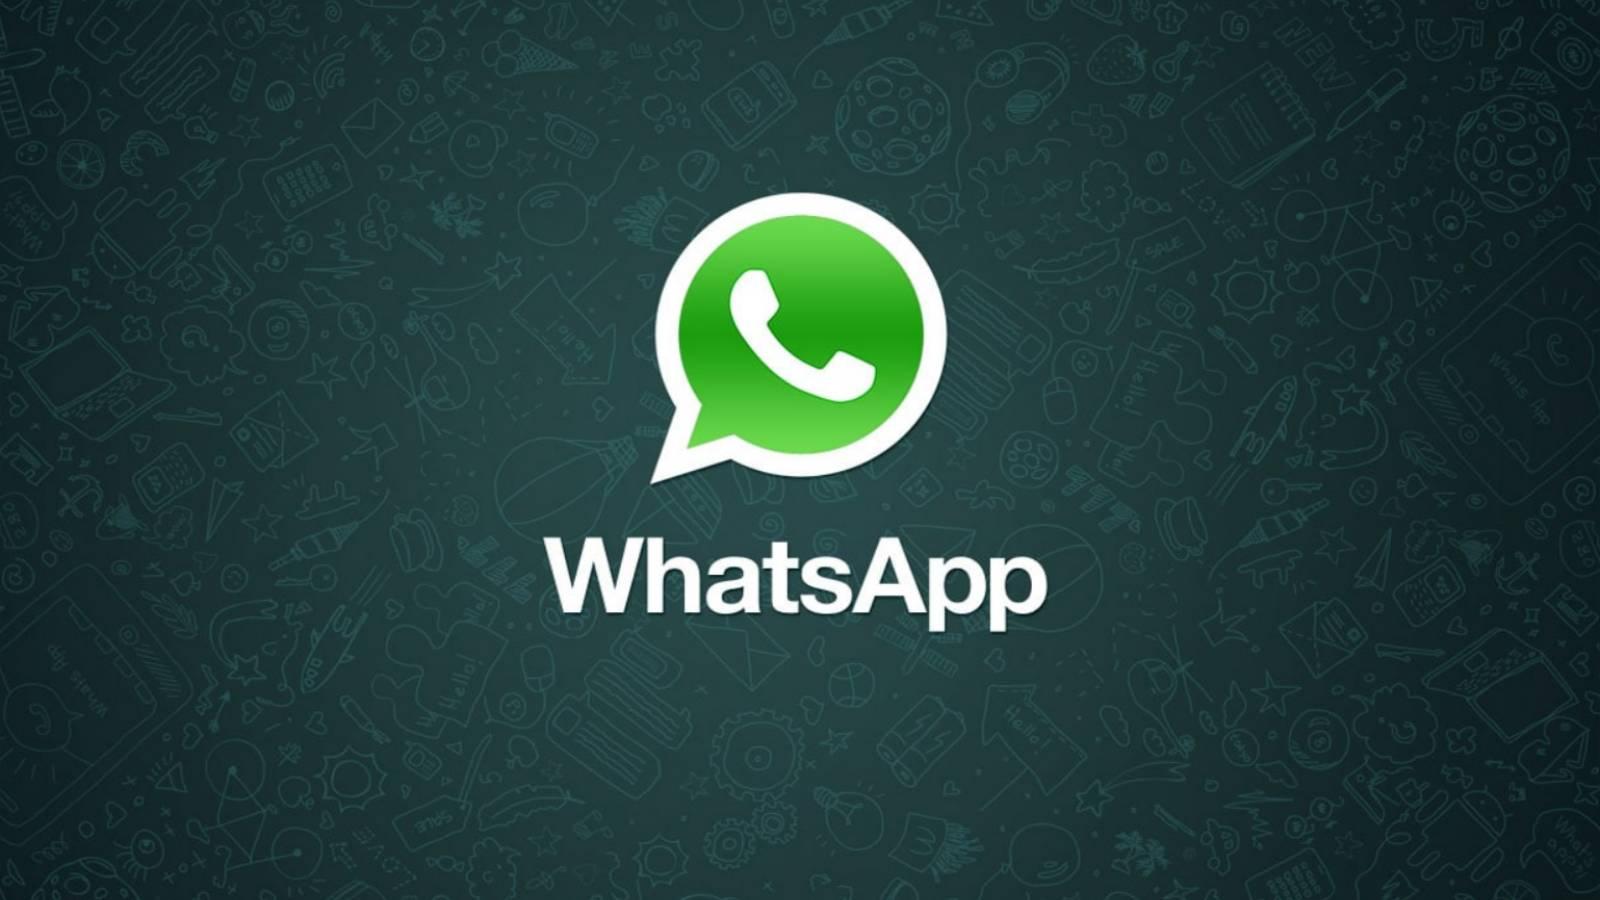 WhatsApp lucrat